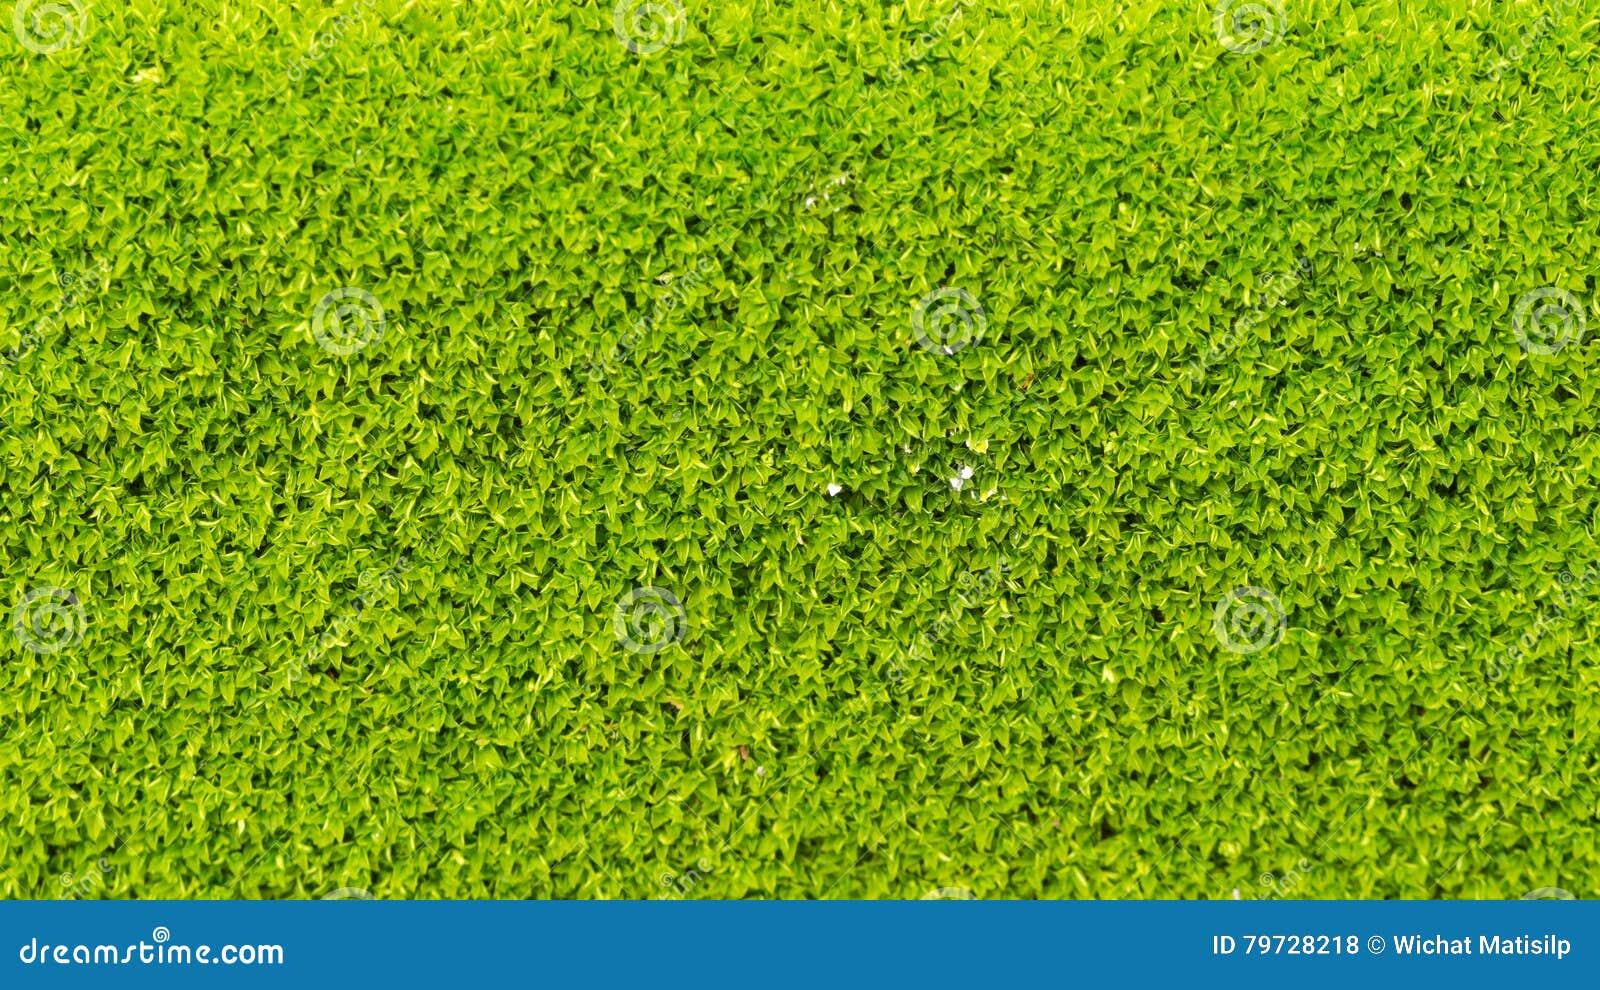 Moss Massively